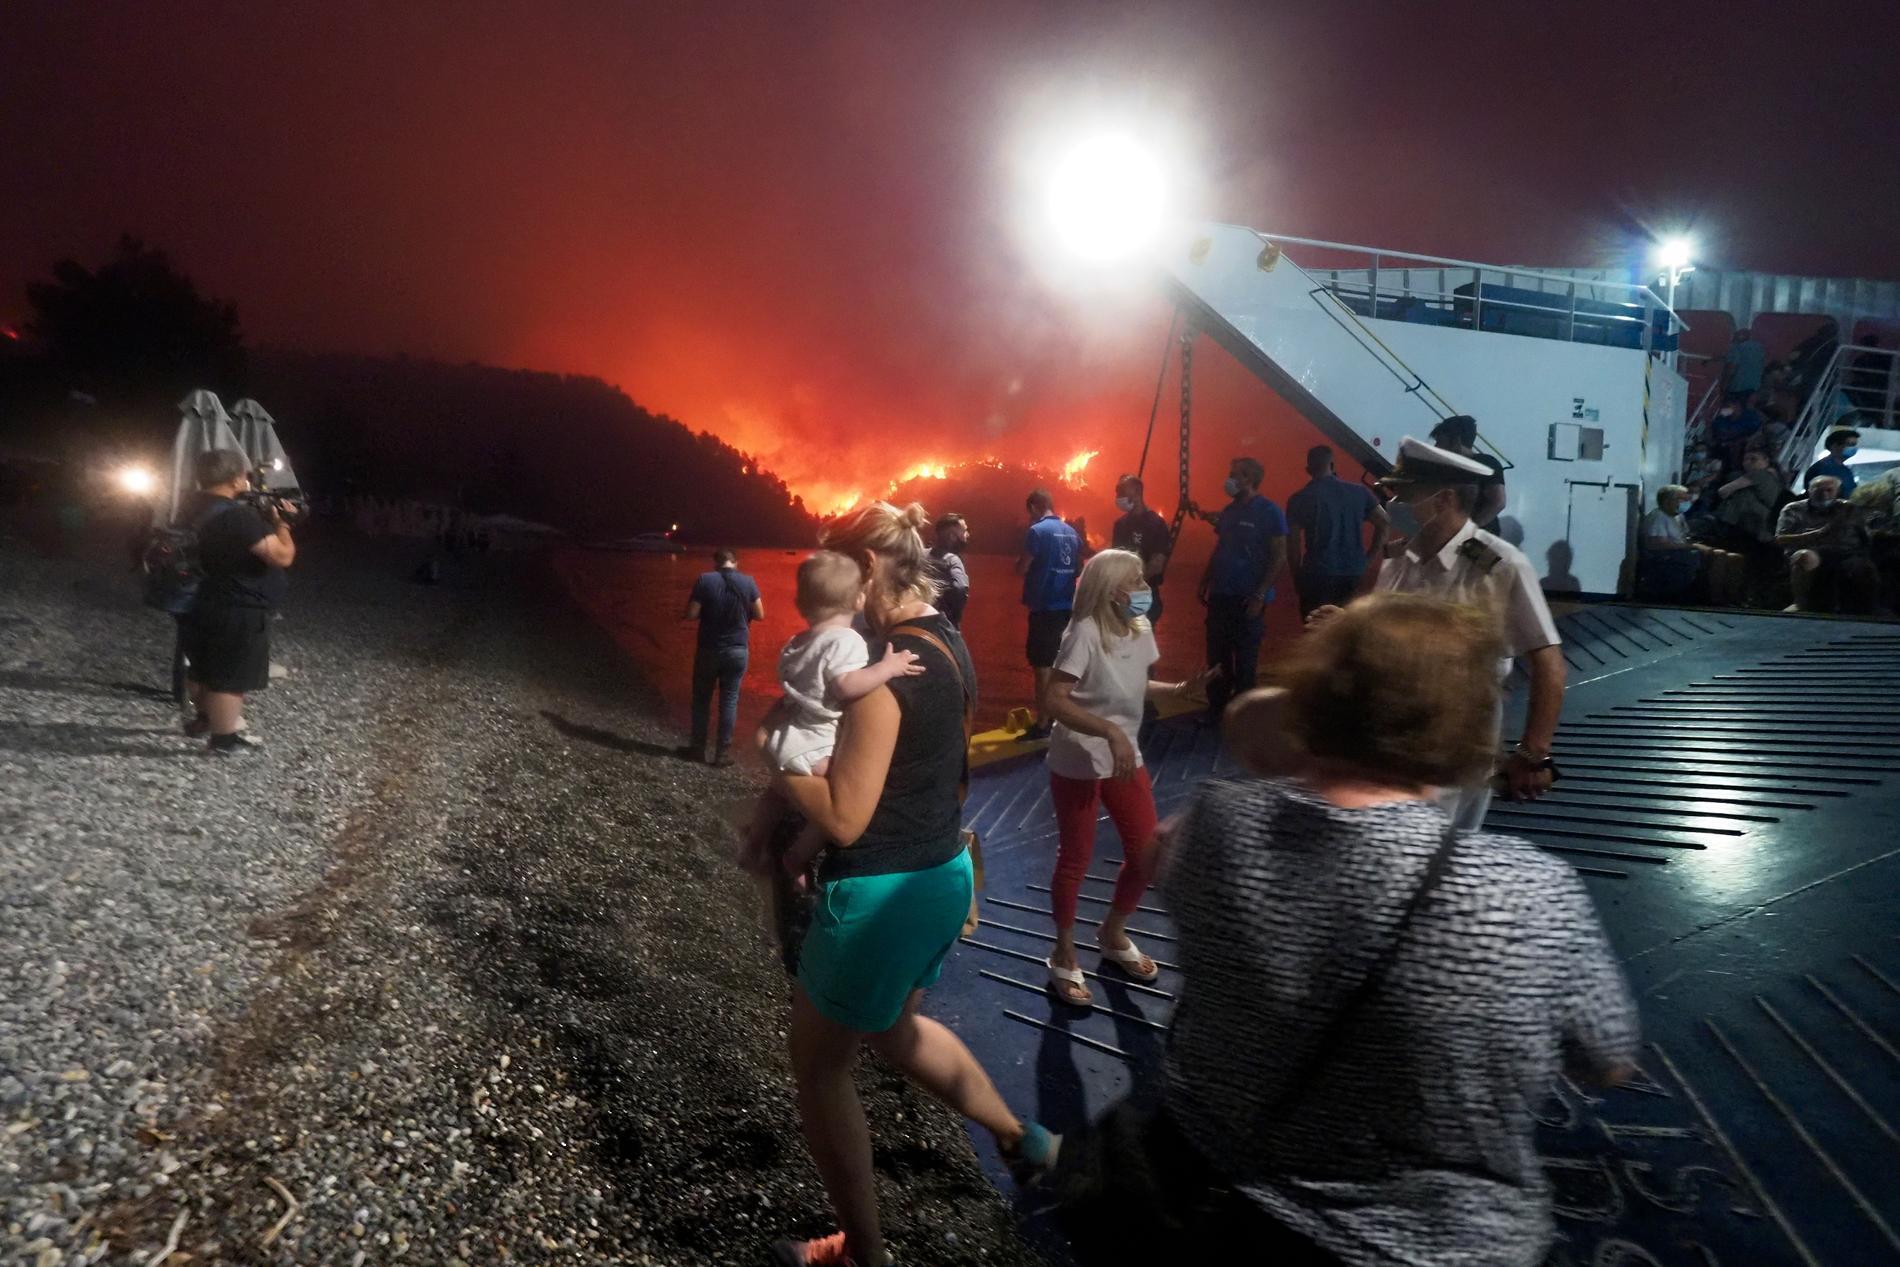 På ön Evia har vissa byar blivit helt omringade av de våldsamma bränderna och man tvingas evakuera hundratals människor vattenvägen: kustbevakning, färjor och privatbåtar kör i skytteltrafik.